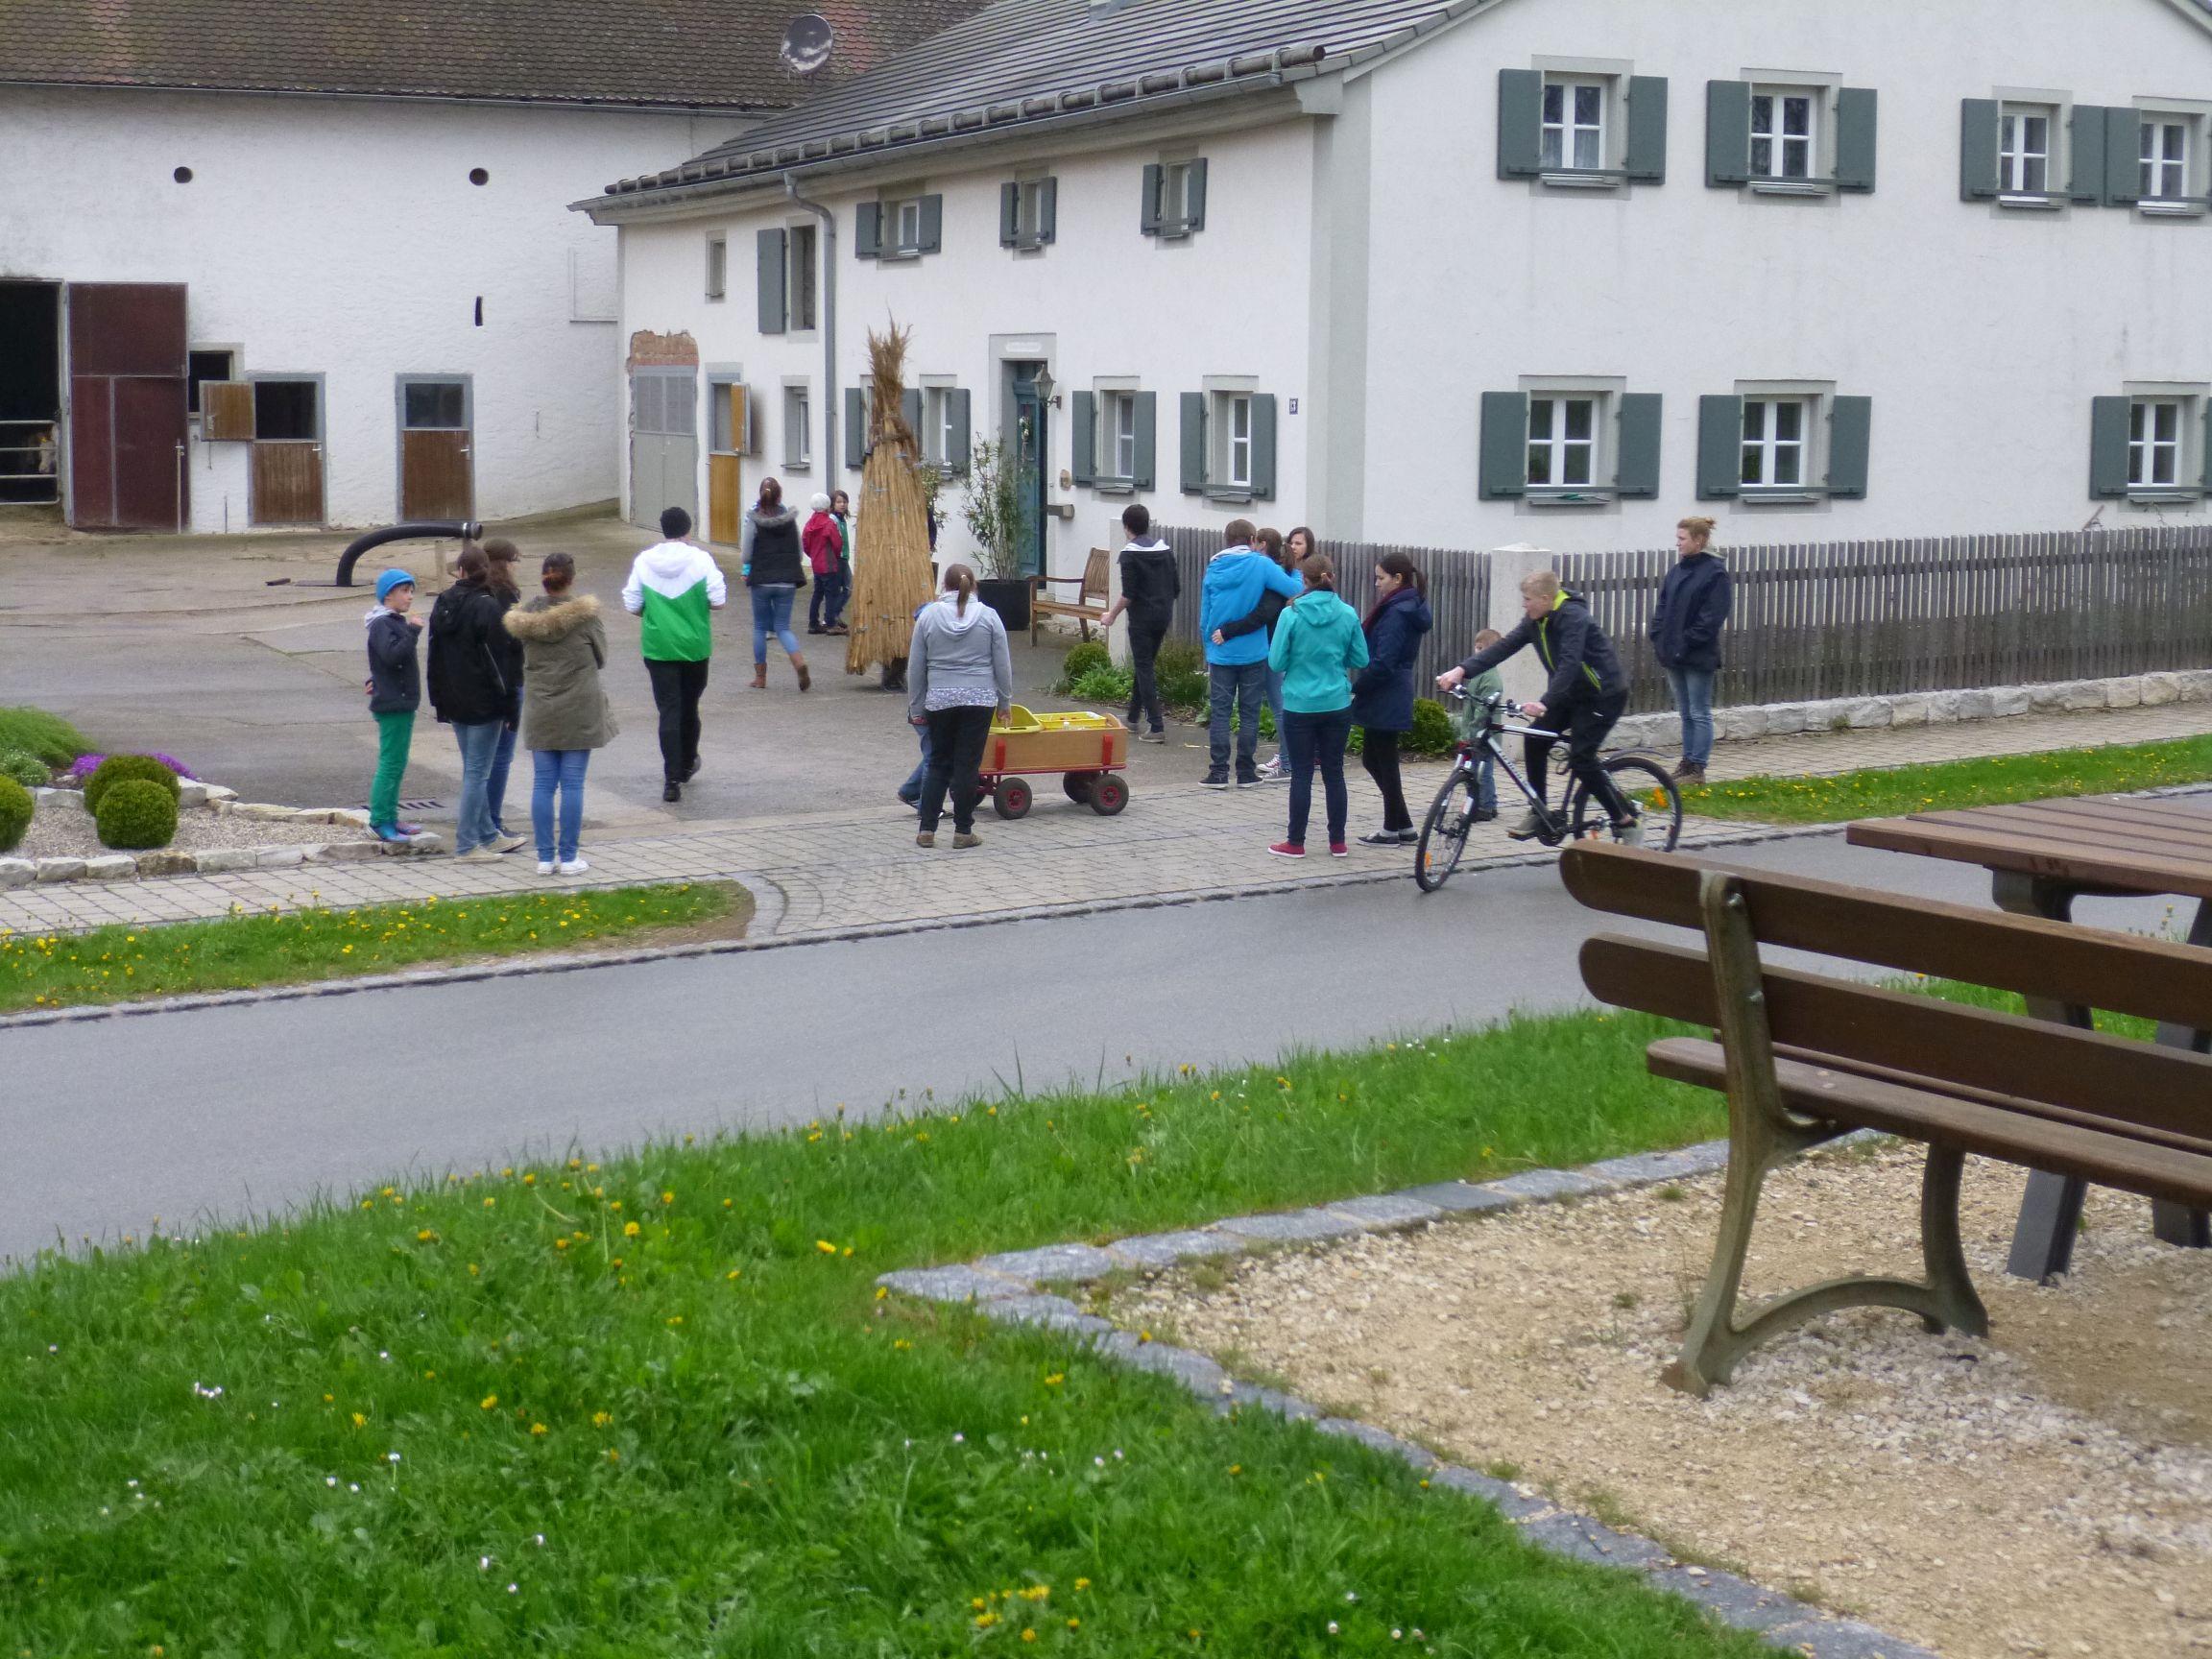 karlsgrabenverein_8